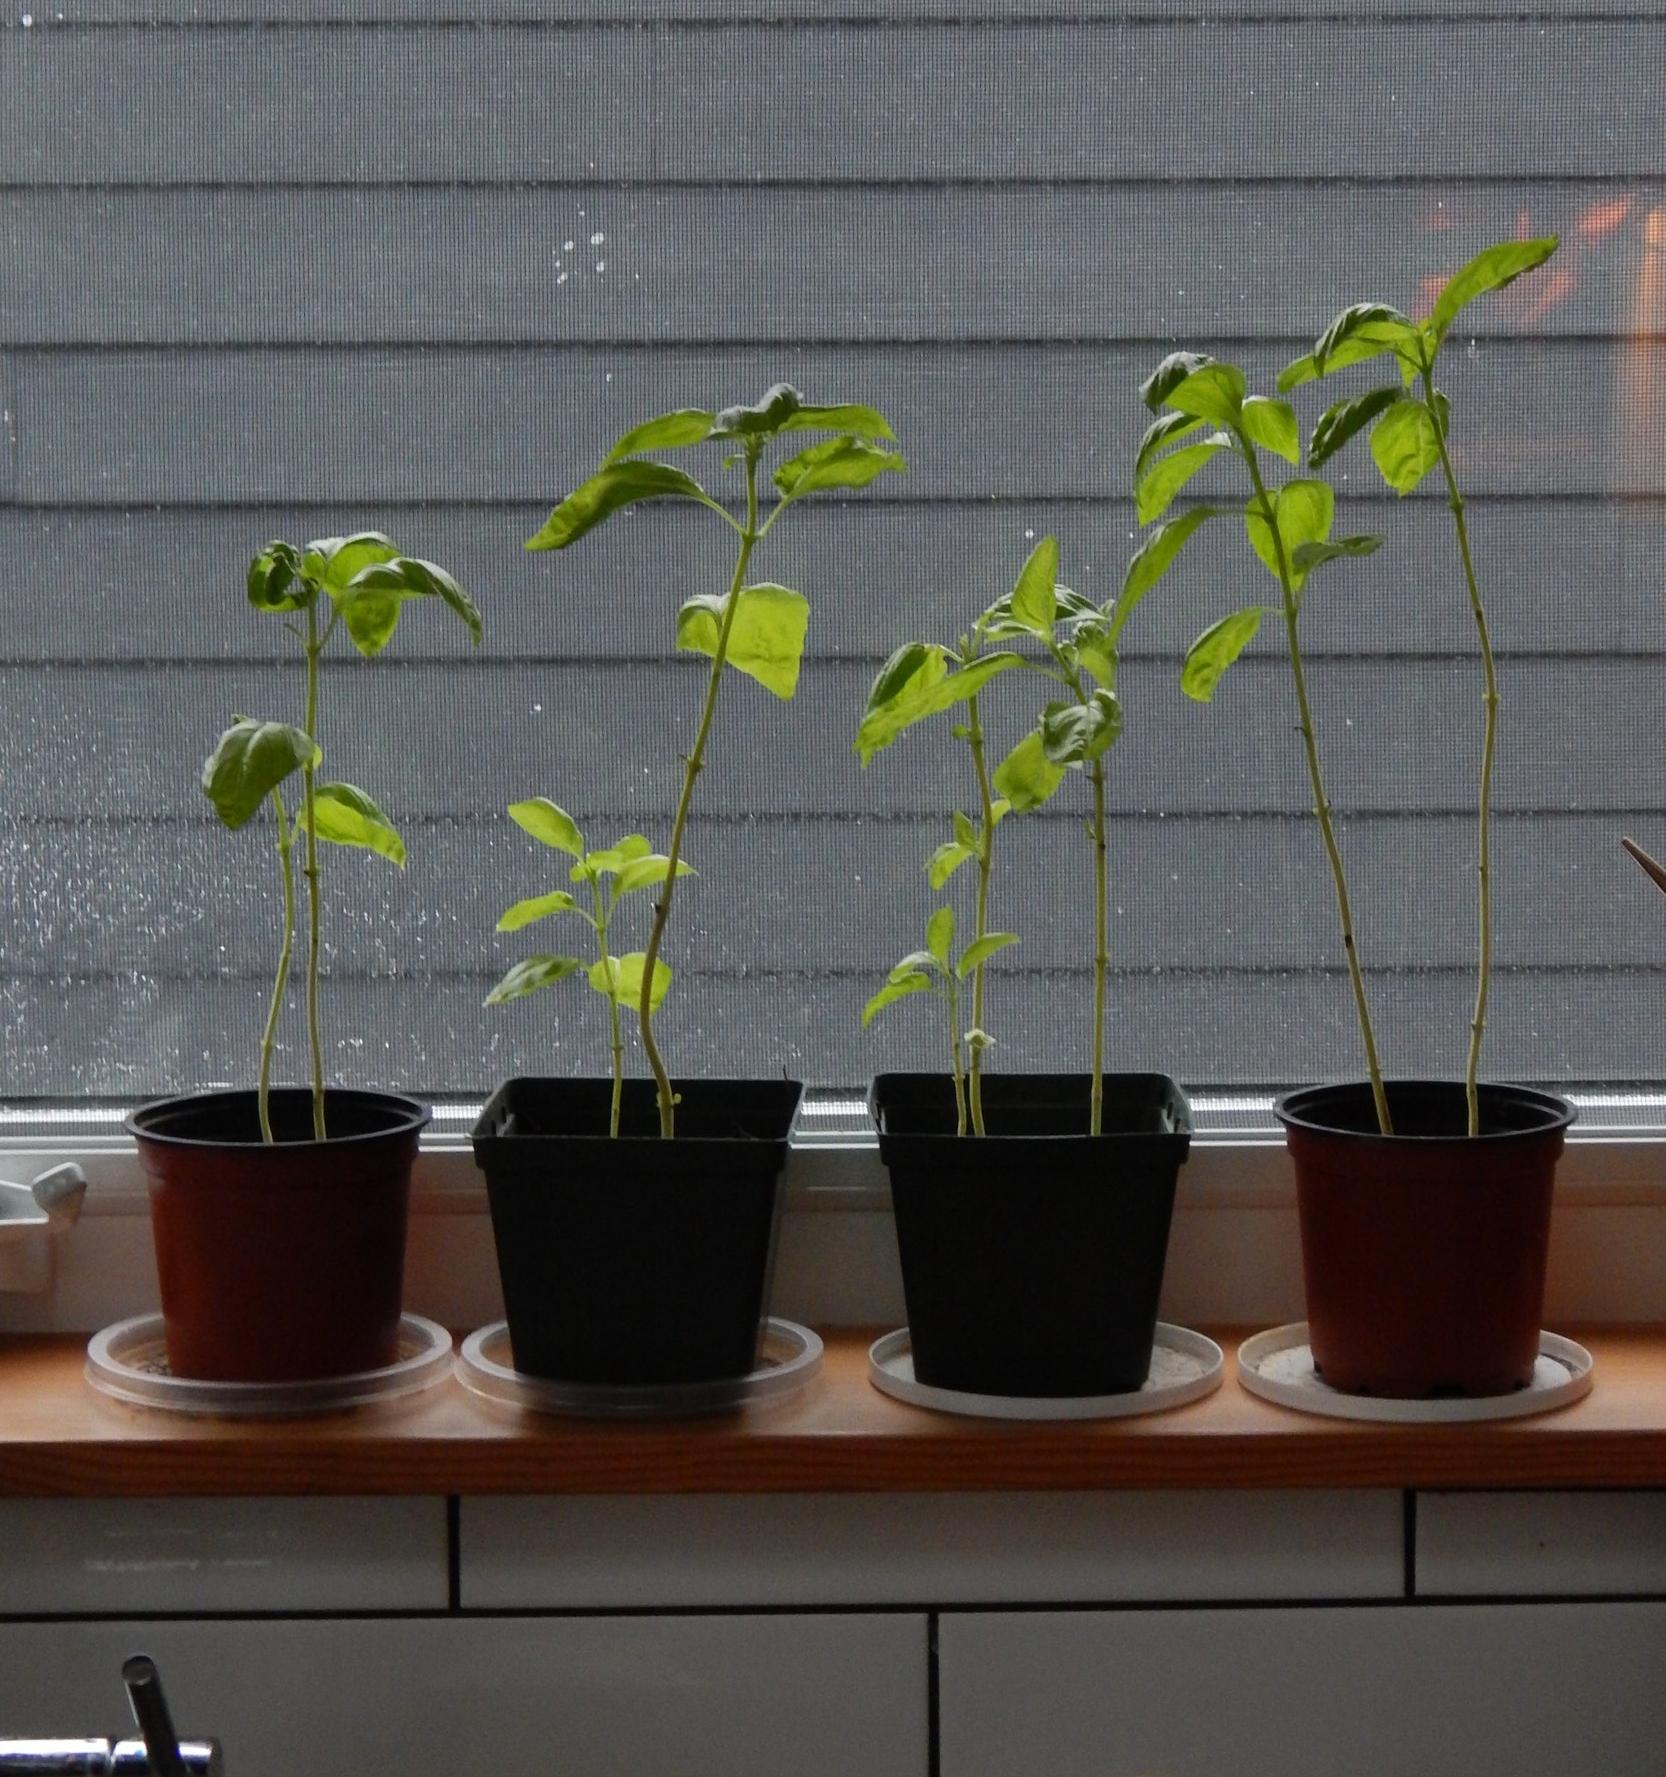 Herbs on window ledge